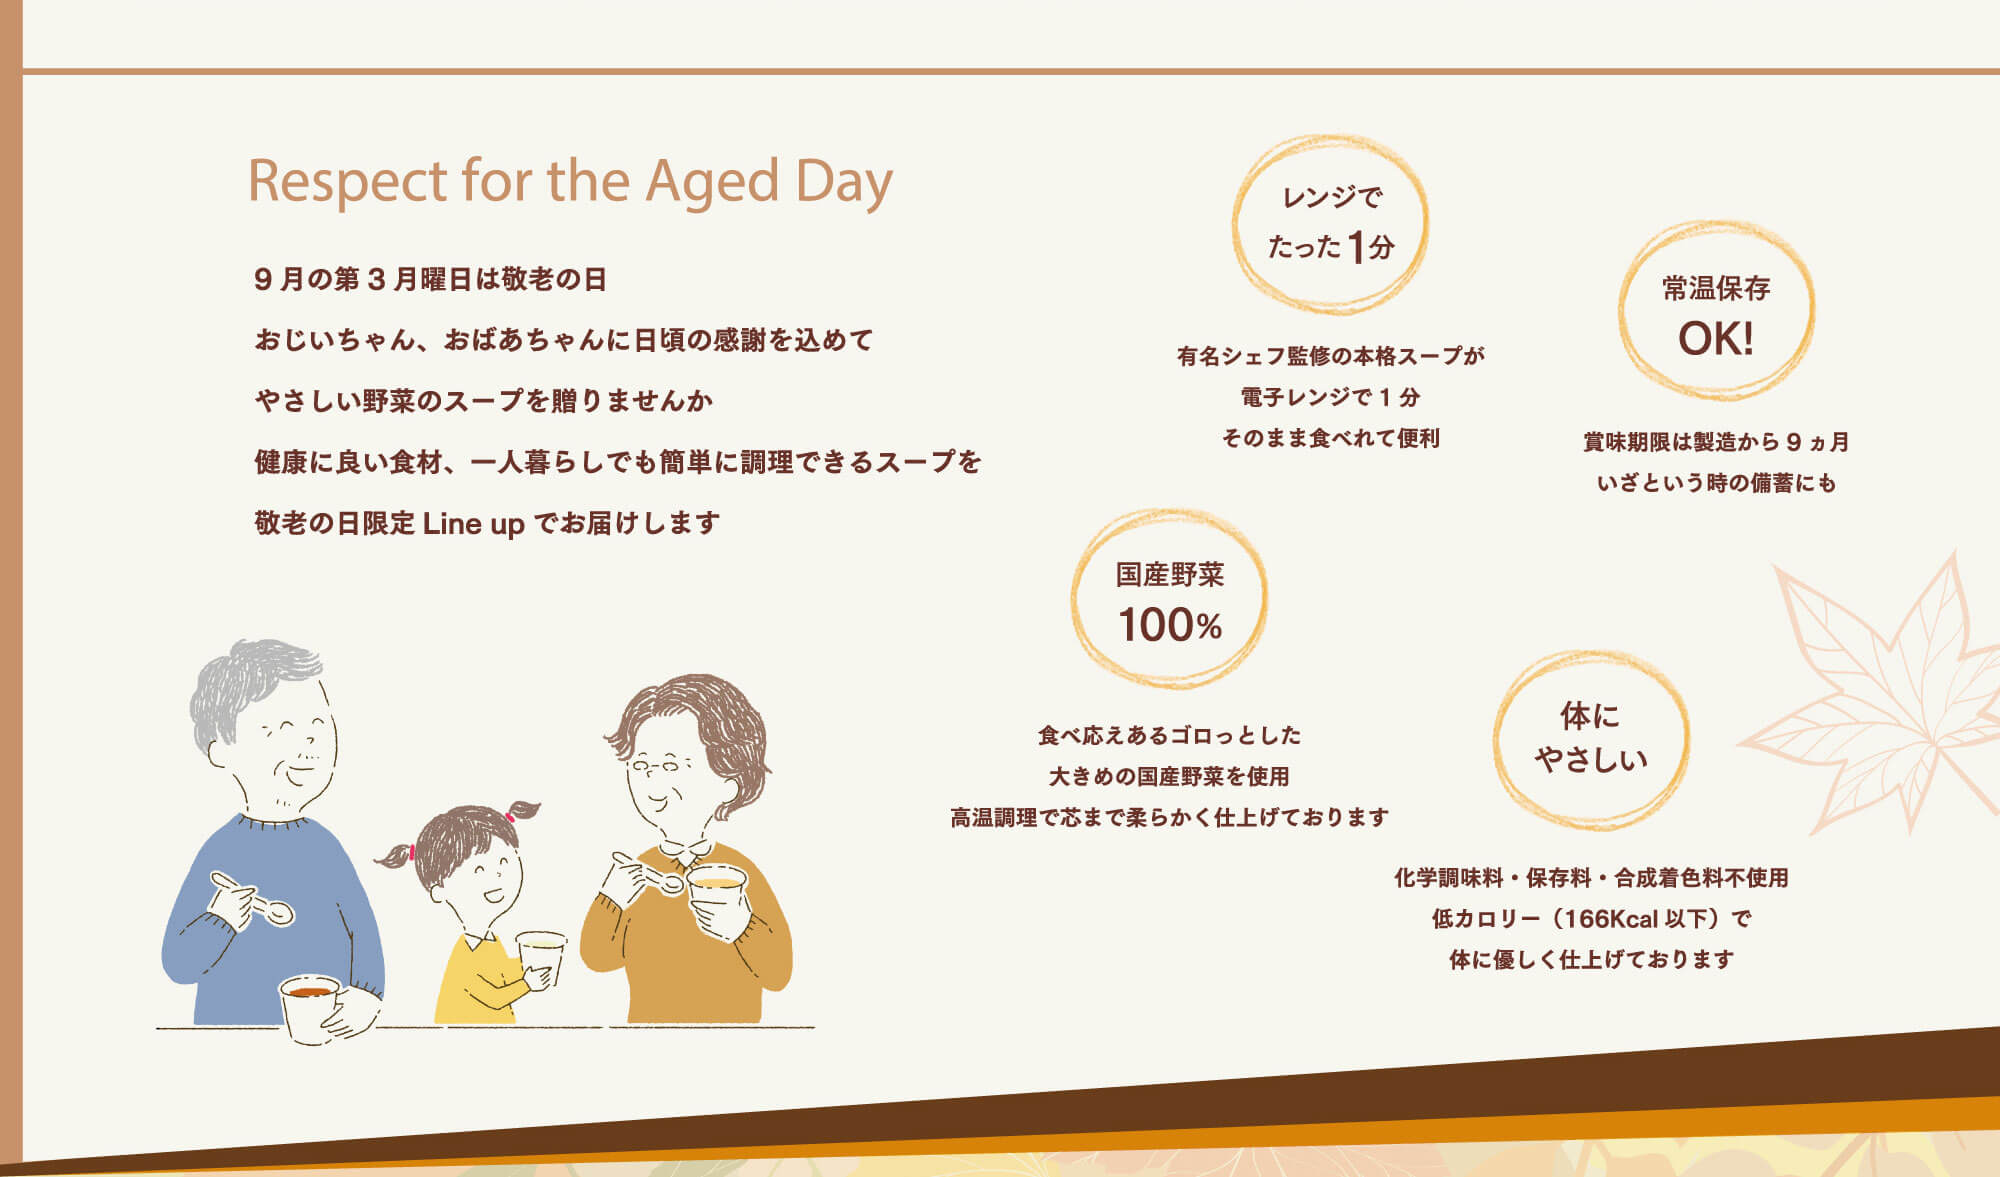 9月の第3月曜日は敬老の日おじいちゃん、おばあちゃんに日頃の感謝を込めてやさしい野菜のスープを贈りませんか